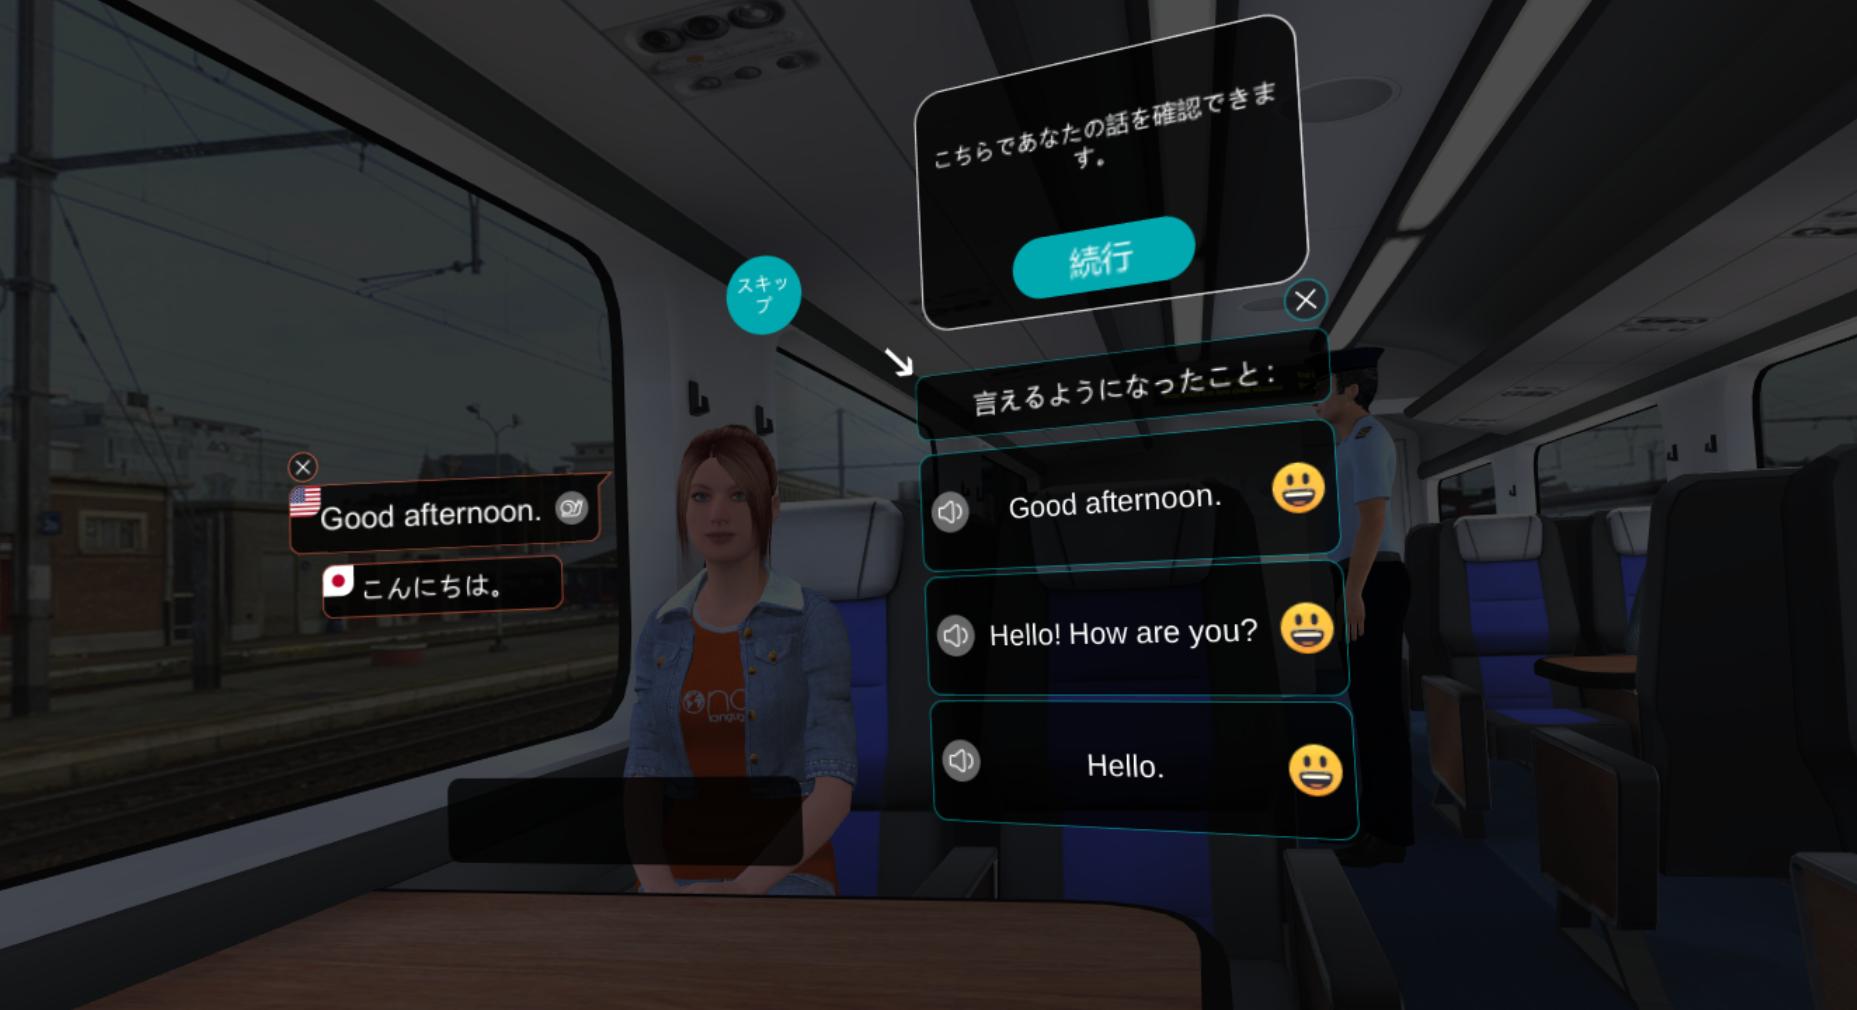 【Mondly VR】プレイしてレビュー